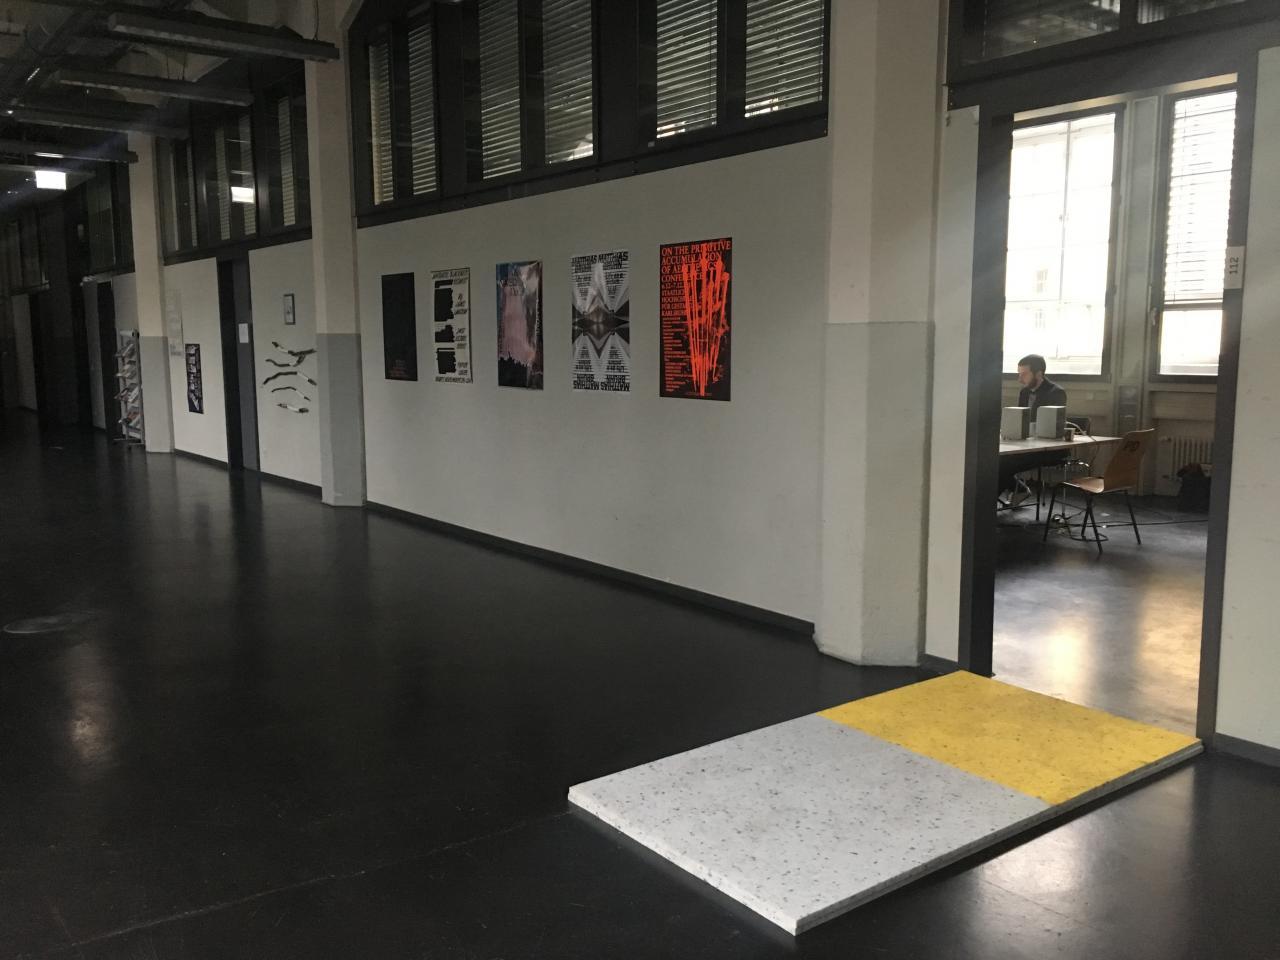 Vor dem Eingang des Seminarraumes des Critical Zones Forschungsseminars an der Staatlichen Hochschule für Gestaltung Karlsruhe (HfG) befindet sich eine Schaumstoffmappe auf dem Boden als Test für alle SeminarteilnehmerInnen.